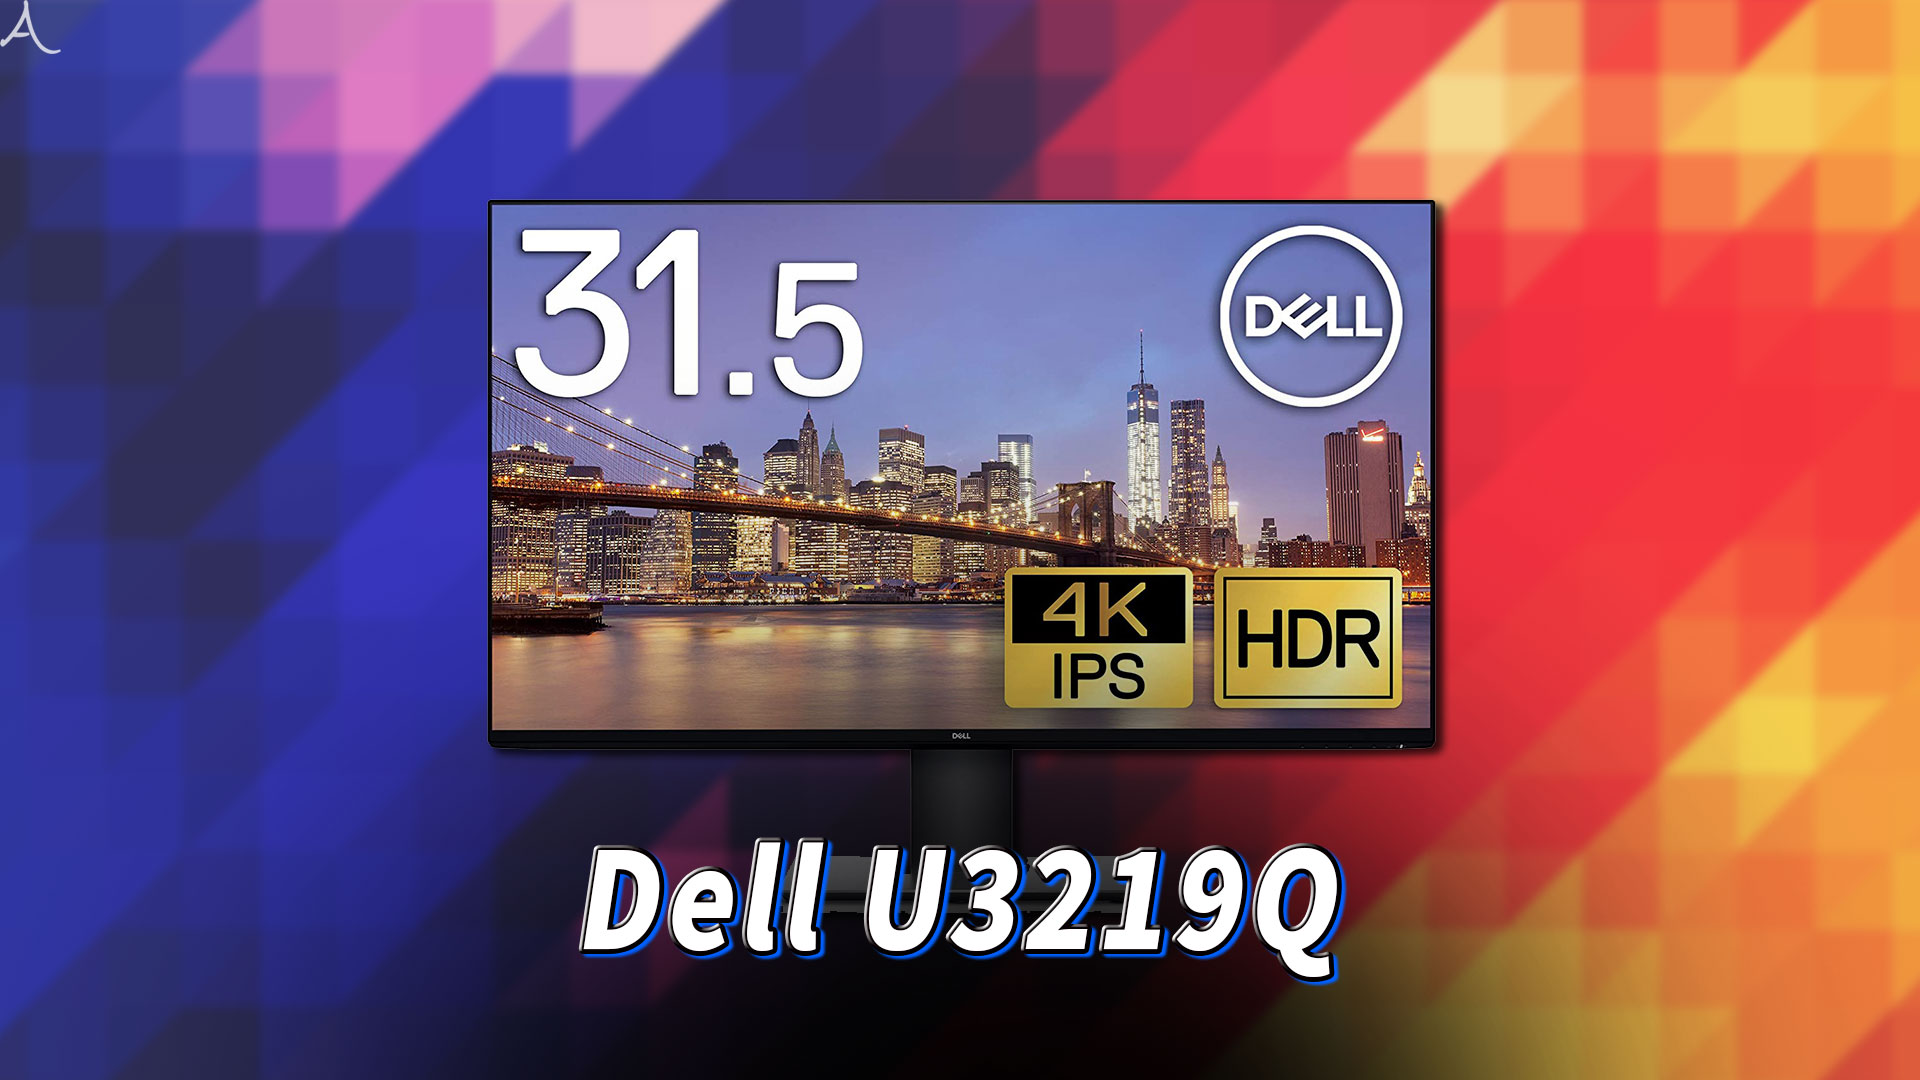 「Dell U3219Q」はスピーカーに対応してる?おすすめのPCスピーカーはどれ?